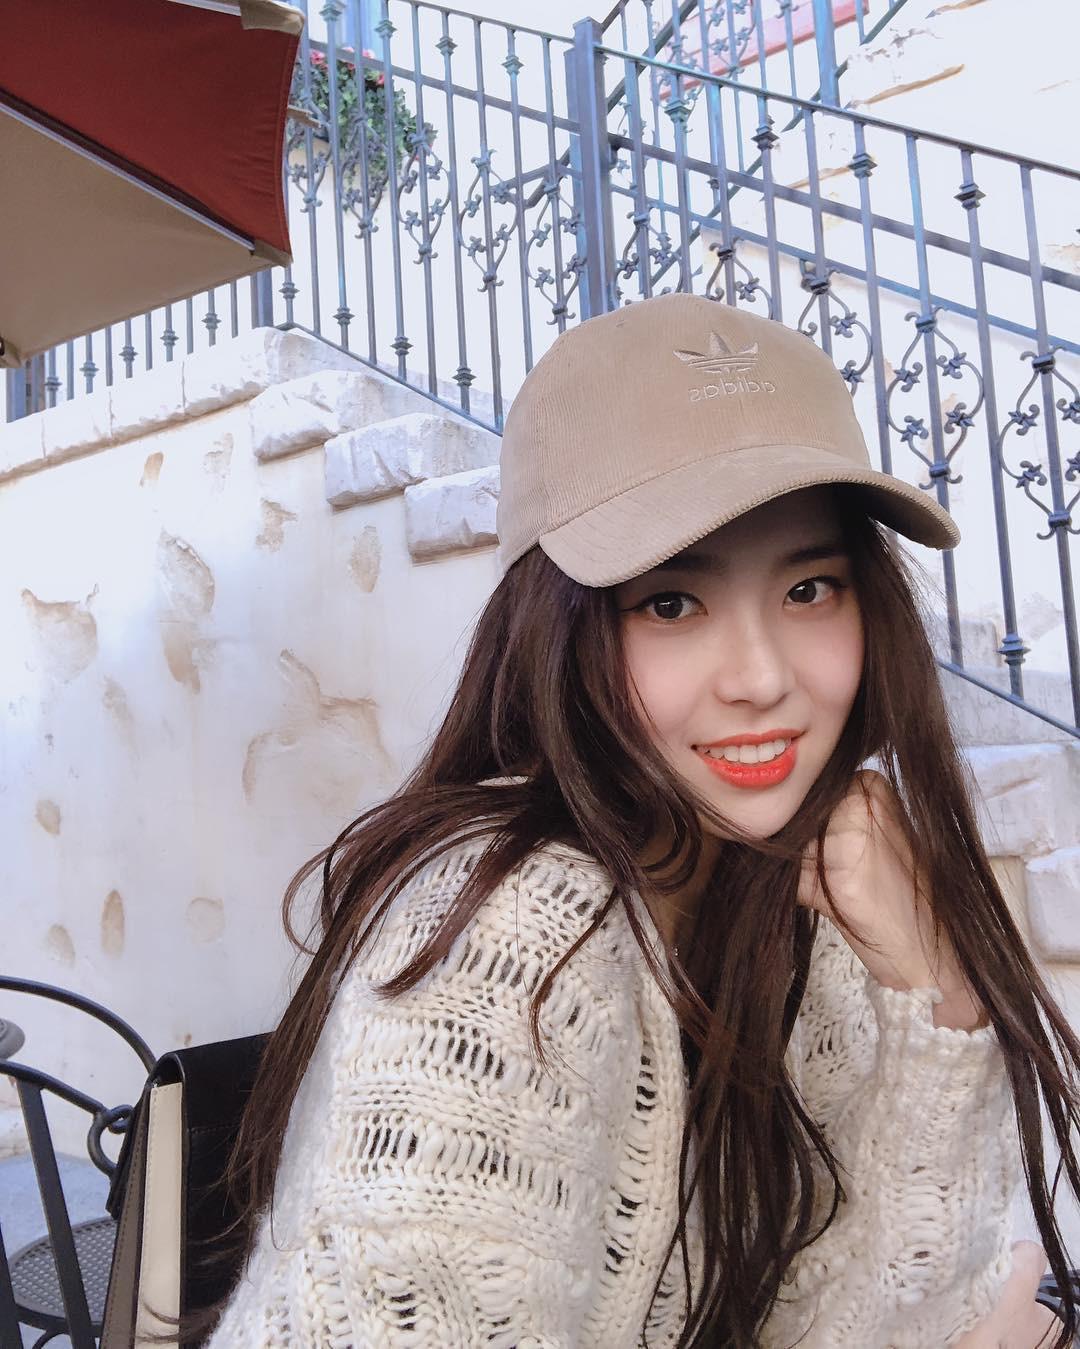 Bàn cân nhan sắc Tân và cựu Hoa hậu Hàn Quốc: Bên đẹp như diễn viên bên gây tranh cãi, body gây chú ý - Ảnh 11.